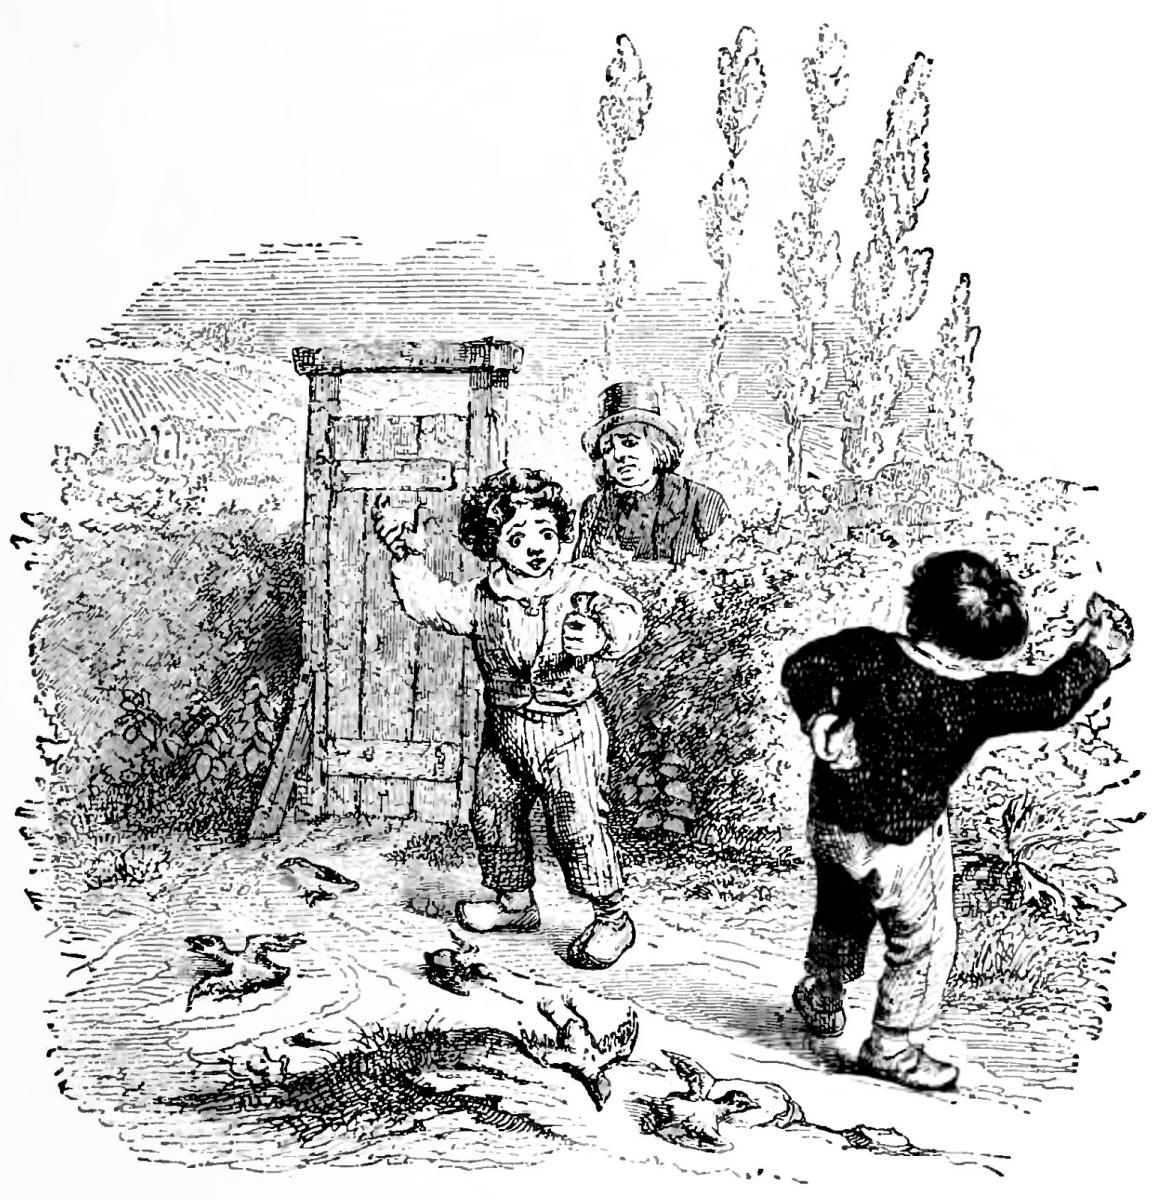 Жан Иньяс Изидор (Жерар) Гранвиль. Война мальчишек. Иллюстрации к басням Флориана